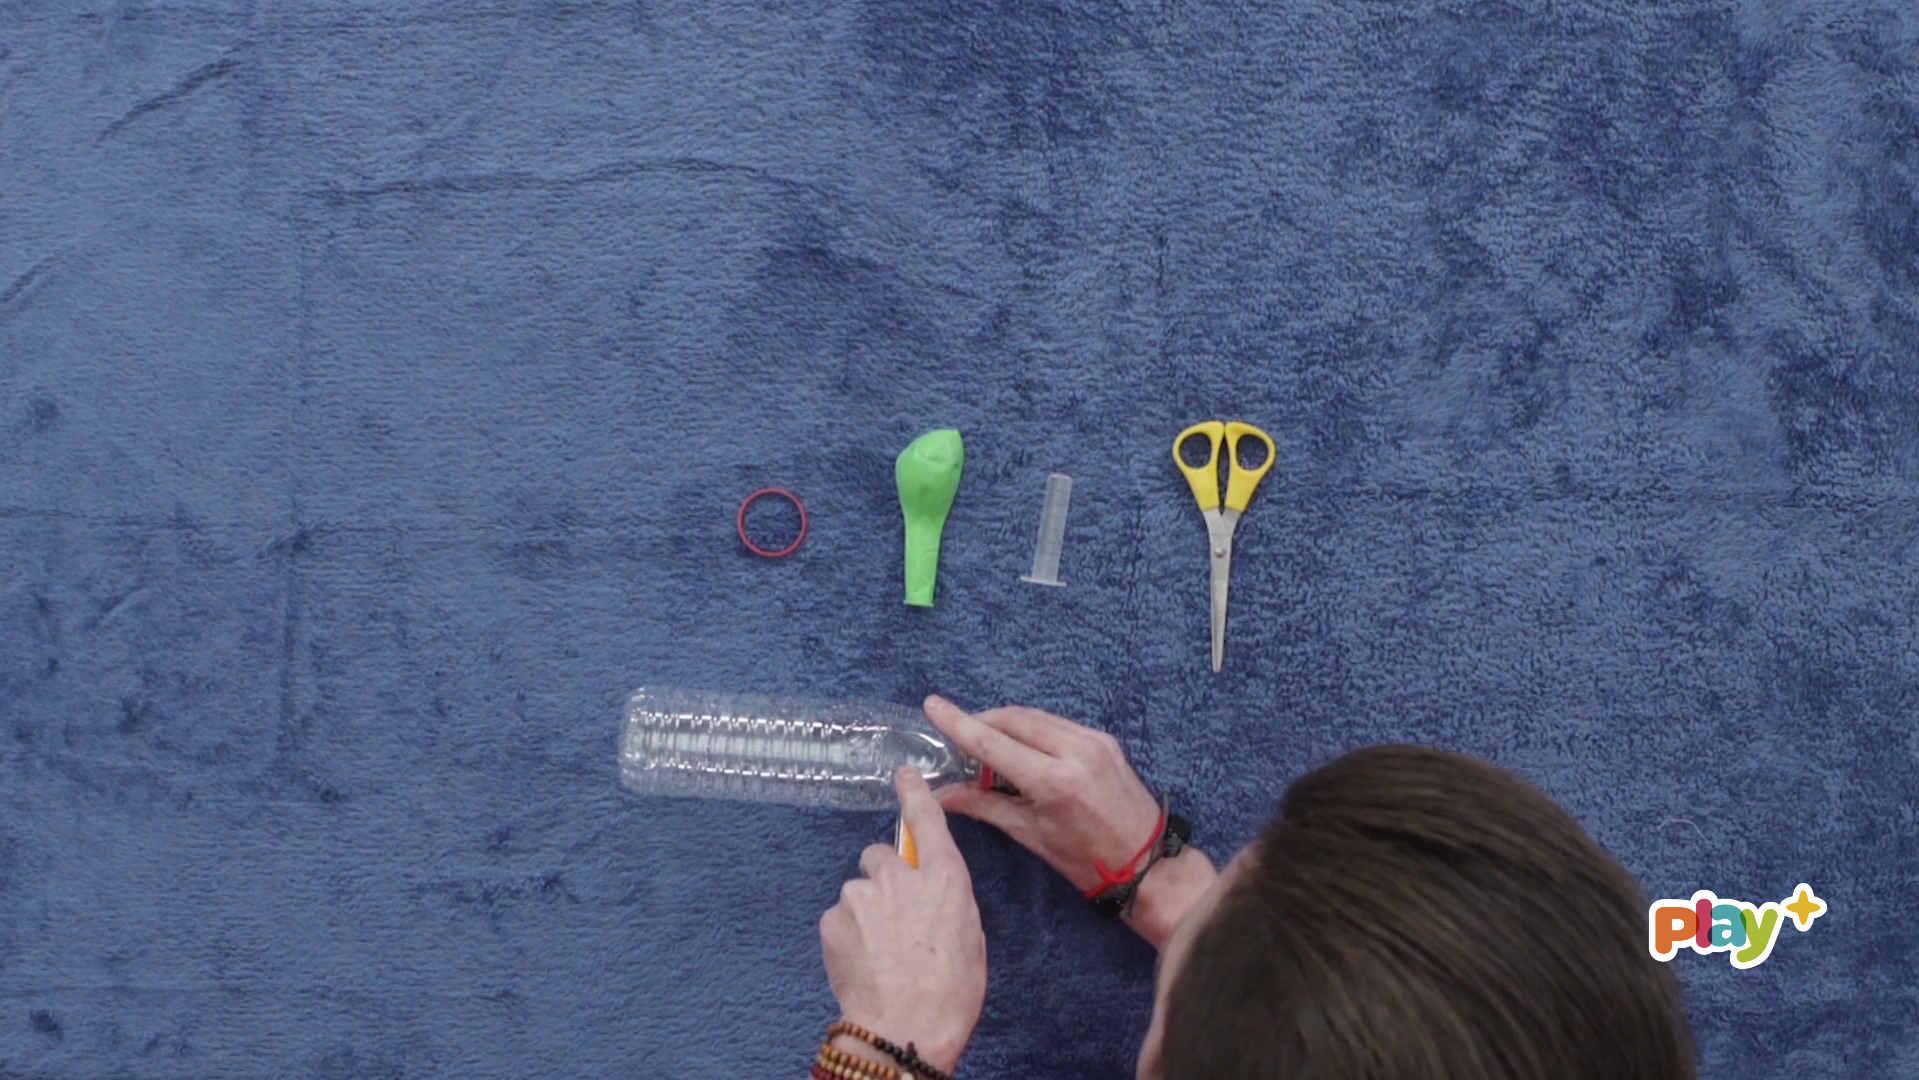 《 小喇叭》 有趣的手工制作能激发幼儿动手制作的兴趣和欲望 以下为